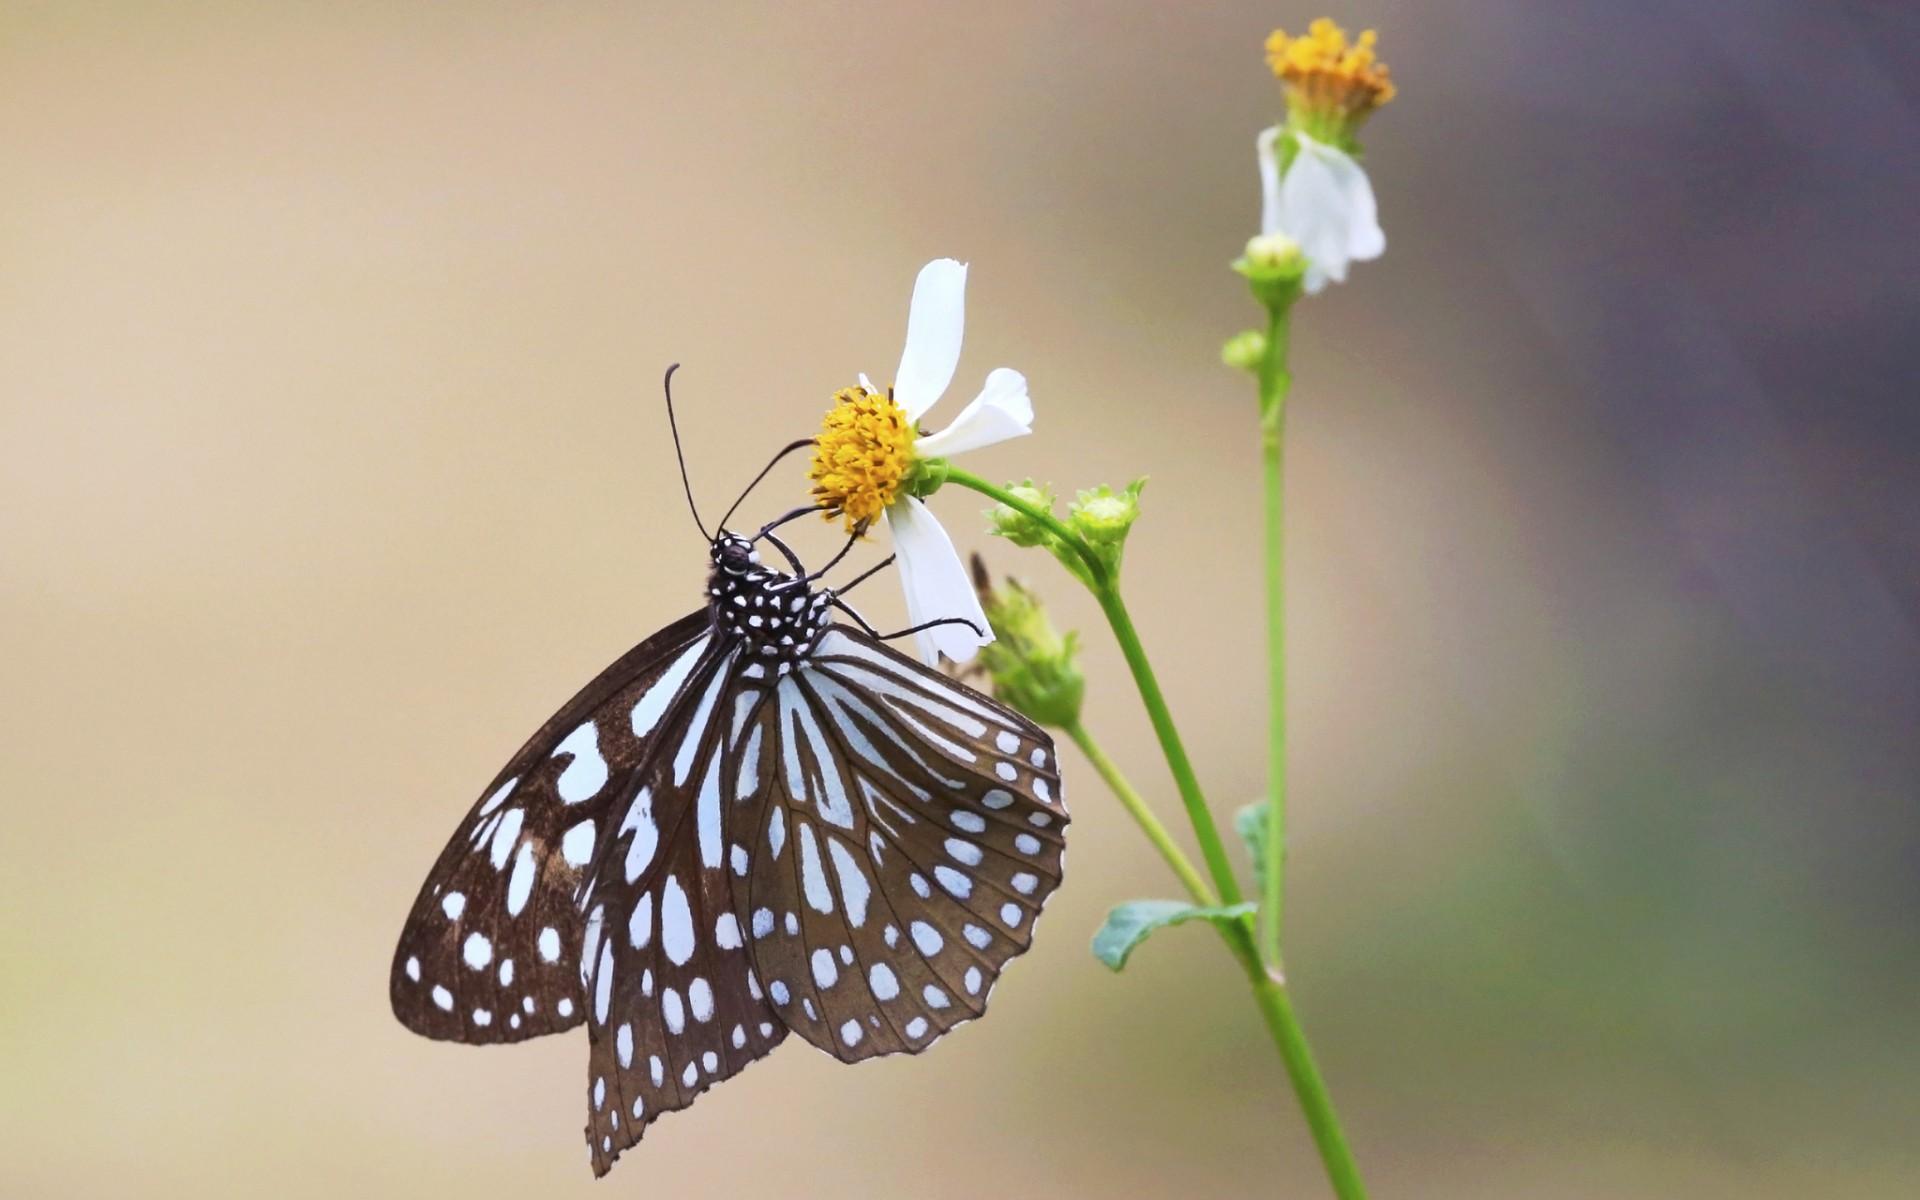 Mariposa y una flor - 1920x1200